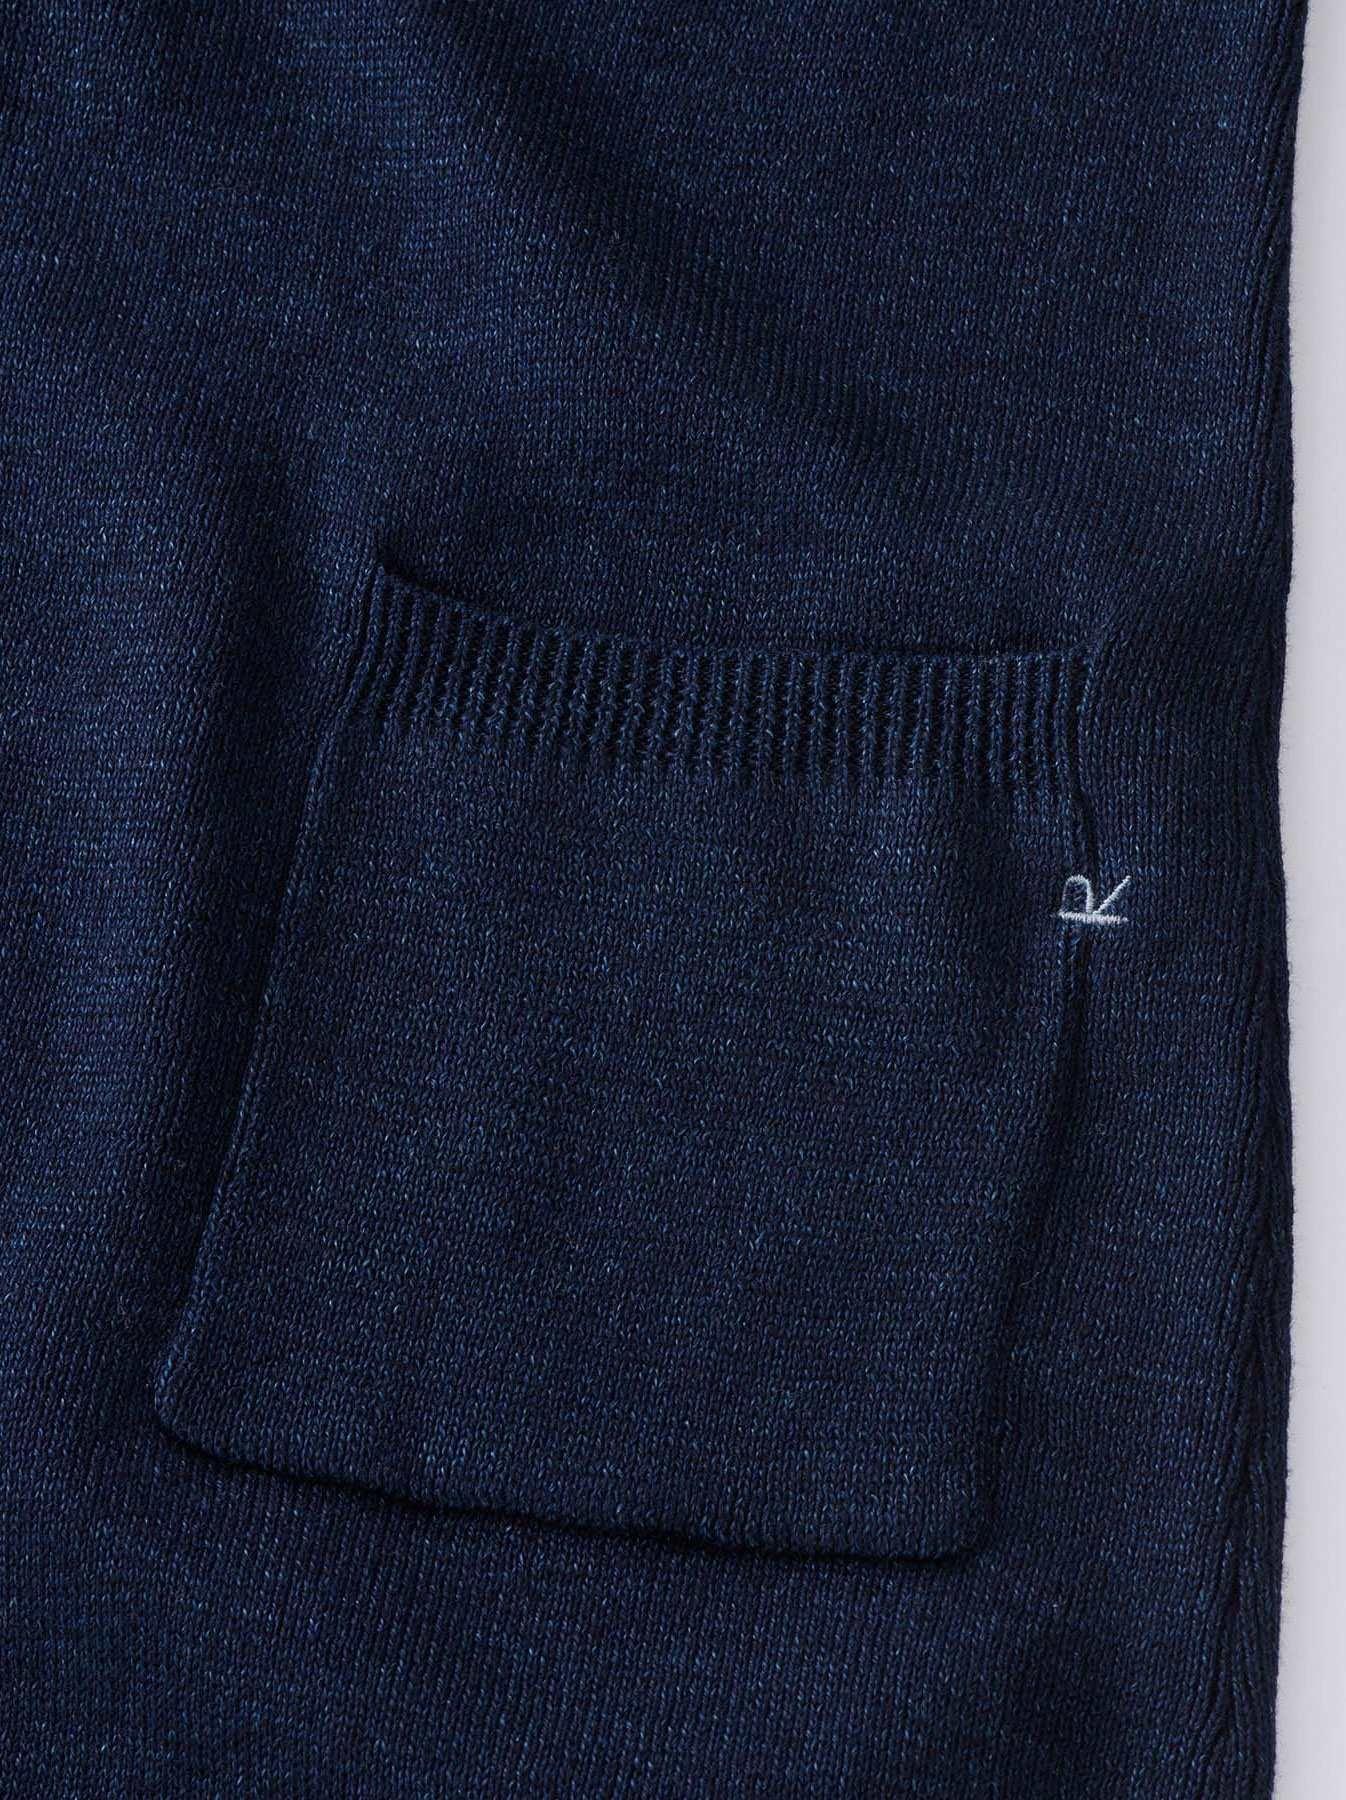 WH Indigo Supima Knit-sew Coat-6